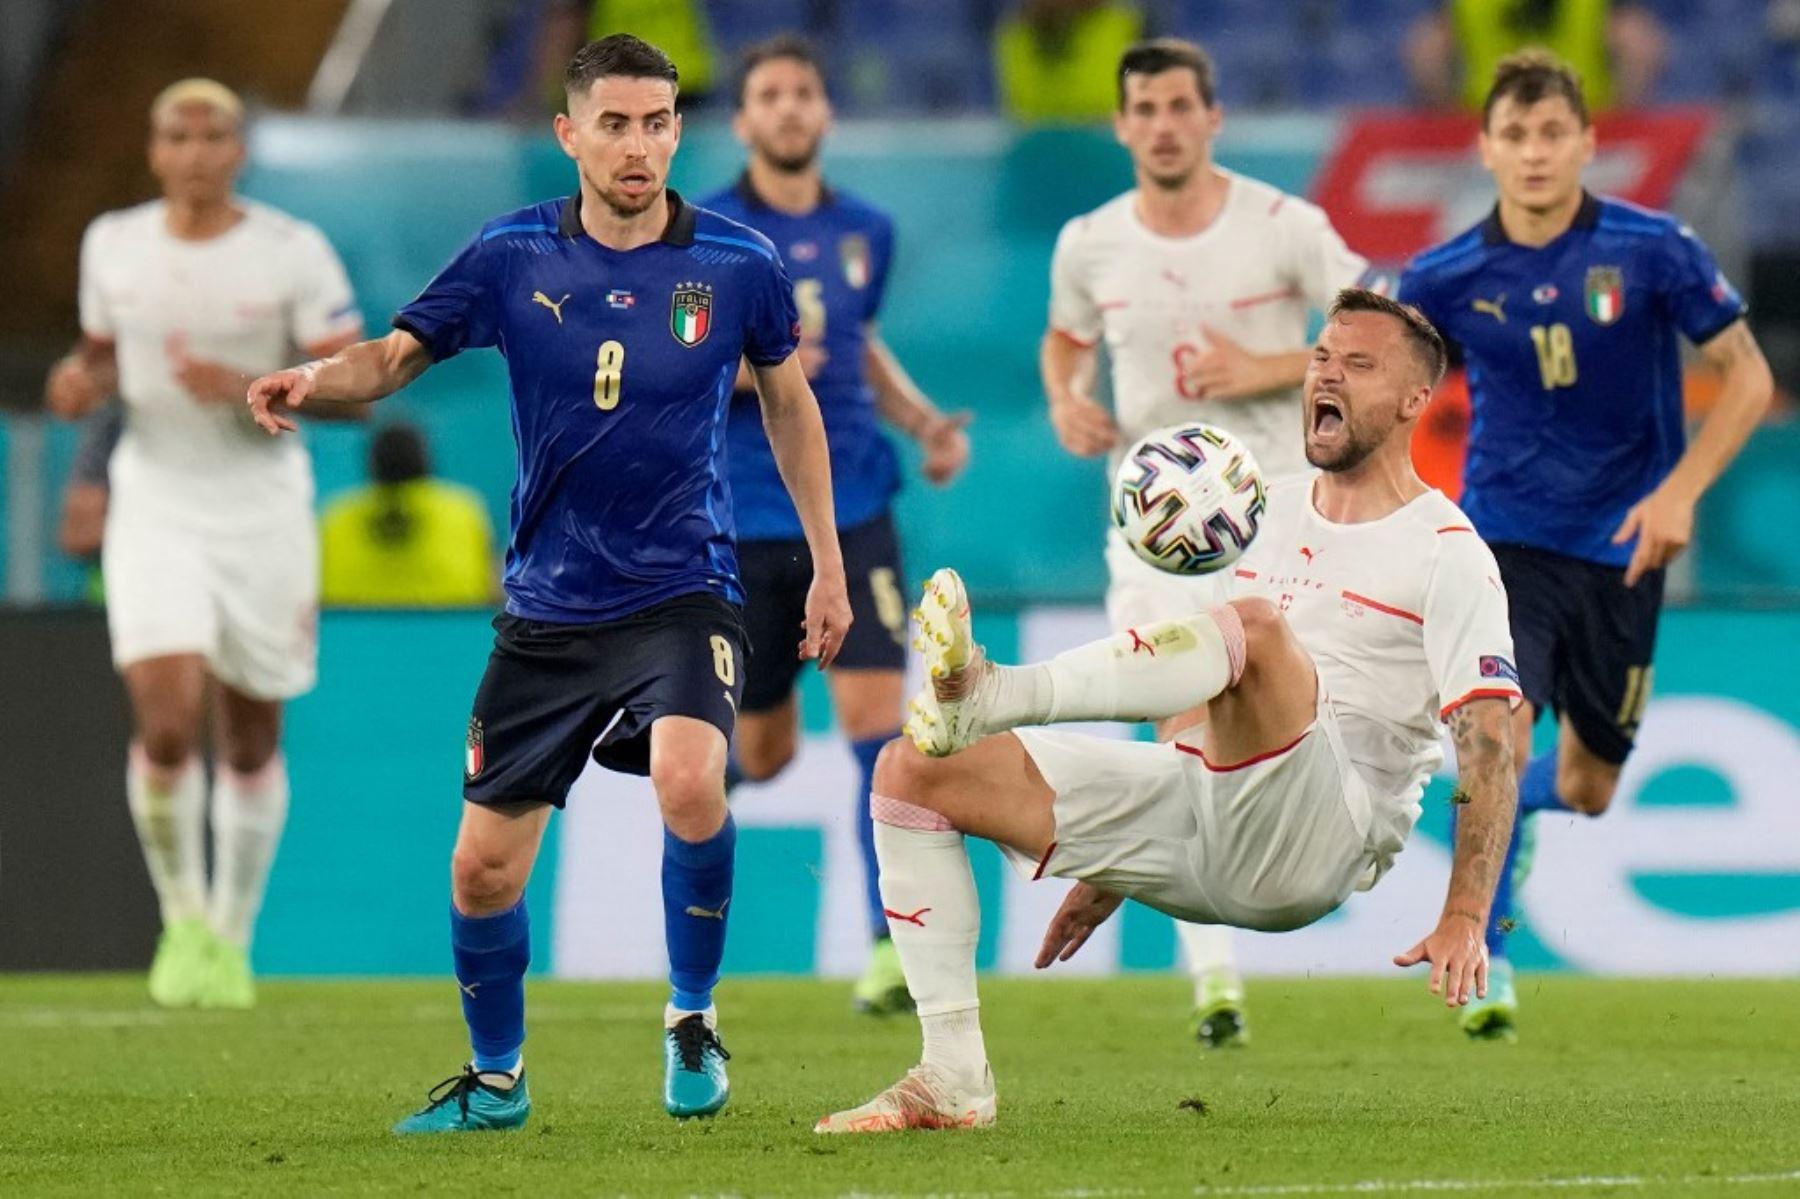 El mediocampista italiano Jorginho (izq.) Compite con el delantero suizo Haris Seferovic durante el partido de fútbol del Grupo A de la UEFA EURO 2020 entre Italia y Suiza en el Estadio Olímpico de Roma el 16 de junio de 2021. Foto: AFP